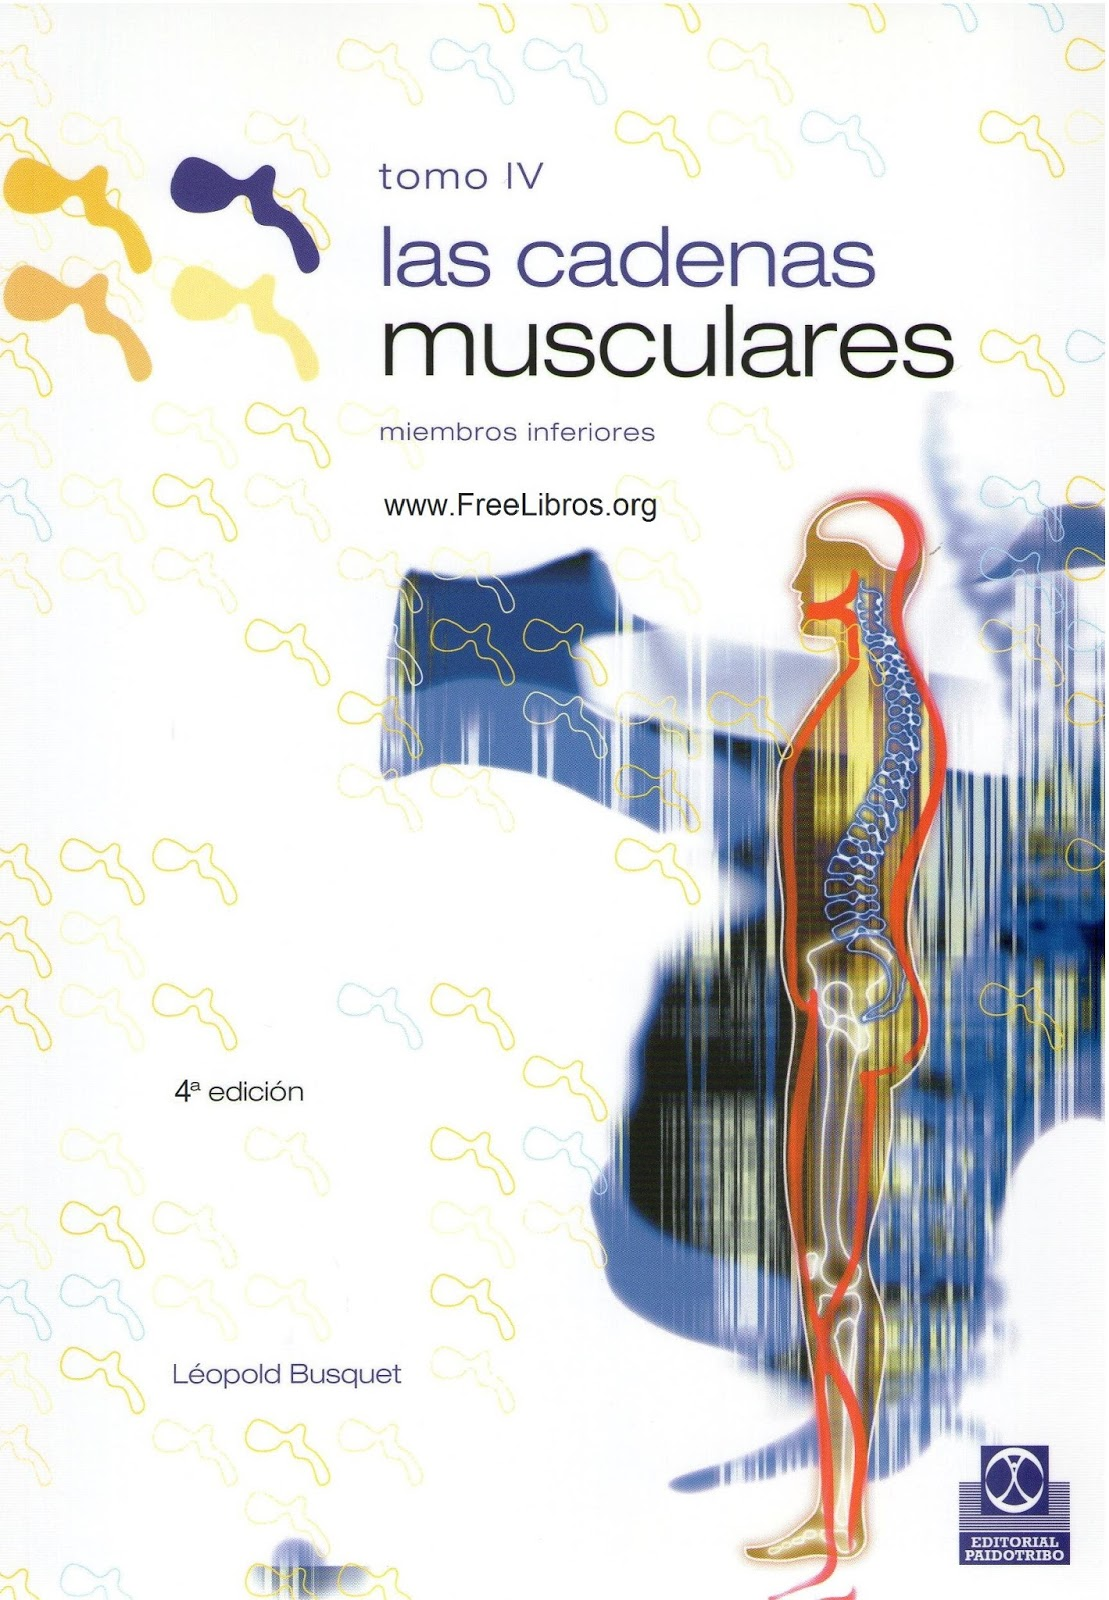 Las cadenas musculares, Tomo IV: Miembros inferiores, 4ta Edición – Léopold Busquet